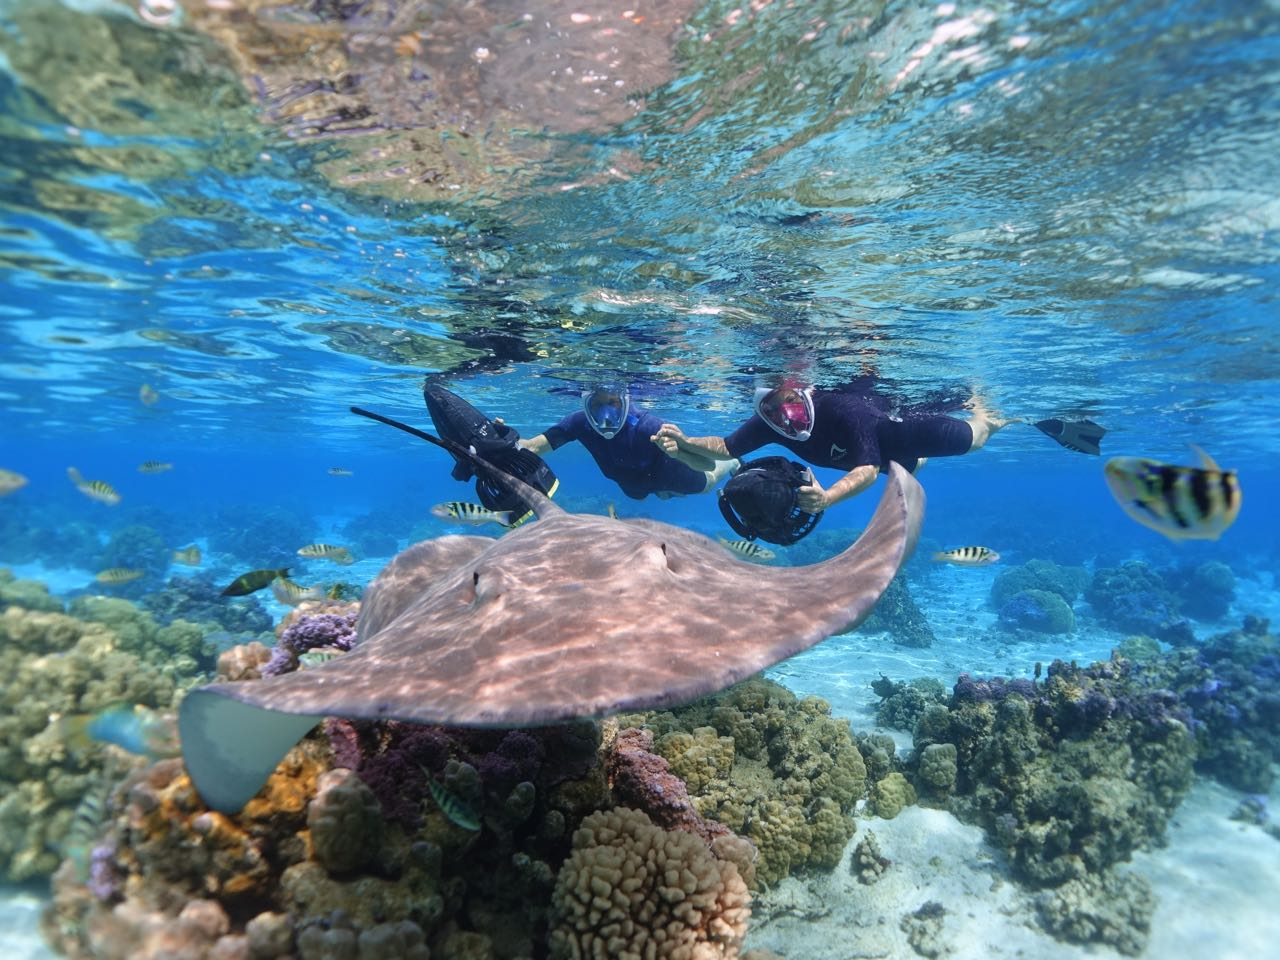 https://tahititourisme.cl/wp-content/uploads/2020/09/Sea-Scooter-Snorkeling-Tour-à-moorea-copie-2.jpg